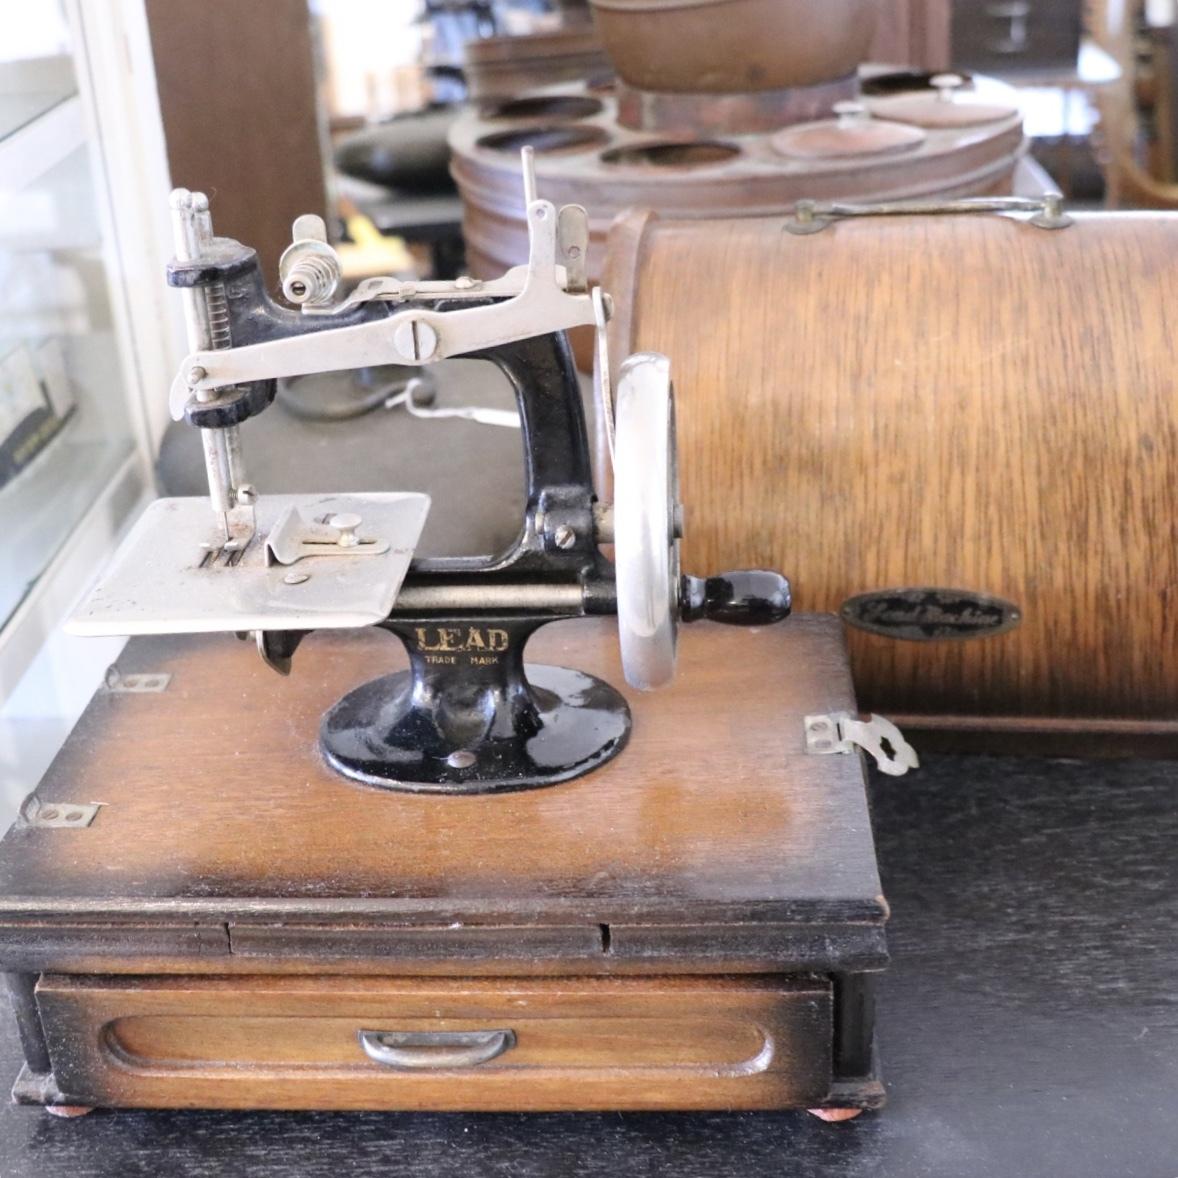 徳島の骨董買取店コユメヤです。古いもの古道具アンティーク無料出張買取!_d0172694_20253033.jpeg